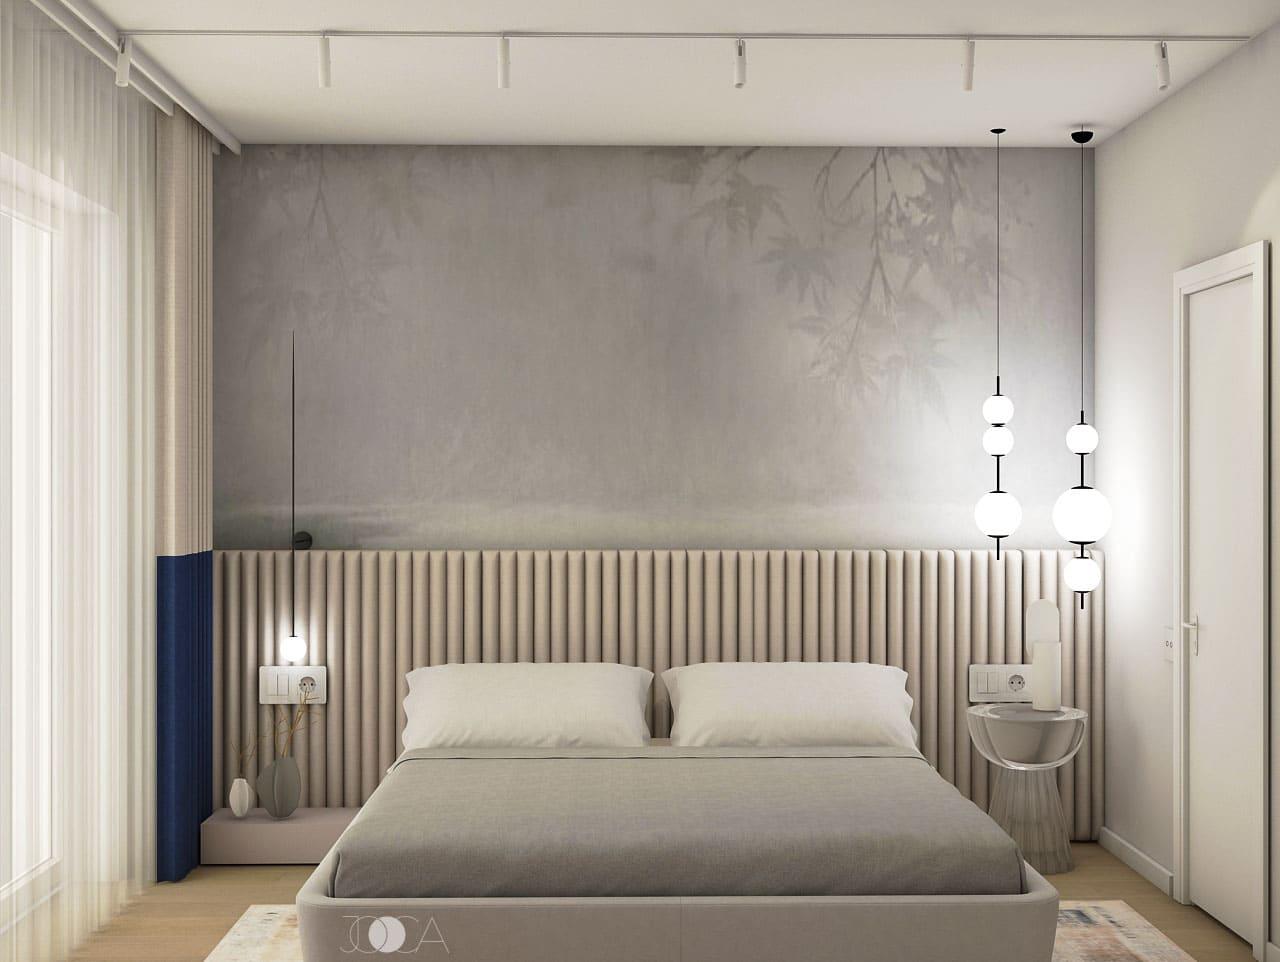 Tablia dormitorului este realizata din cilindrii din bureti, inveliti in material textil. Tapetul monocrom induce feeling-ul de spatiu intim.